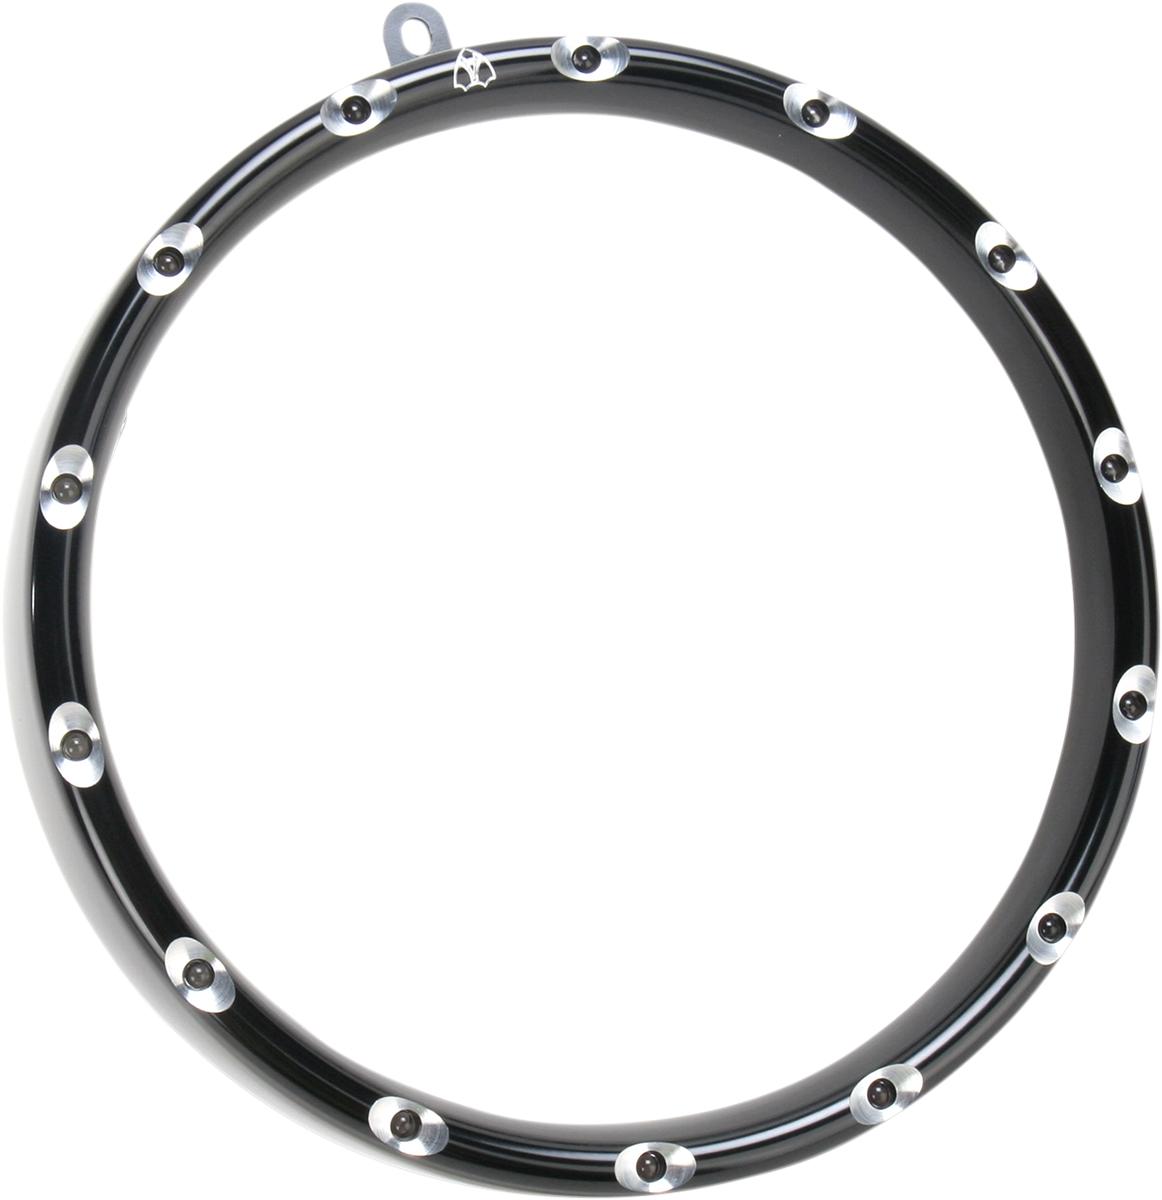 【ARLEN NESS】頭燈飾環 FLST BLK [2001-0575] - 「Webike-摩托百貨」